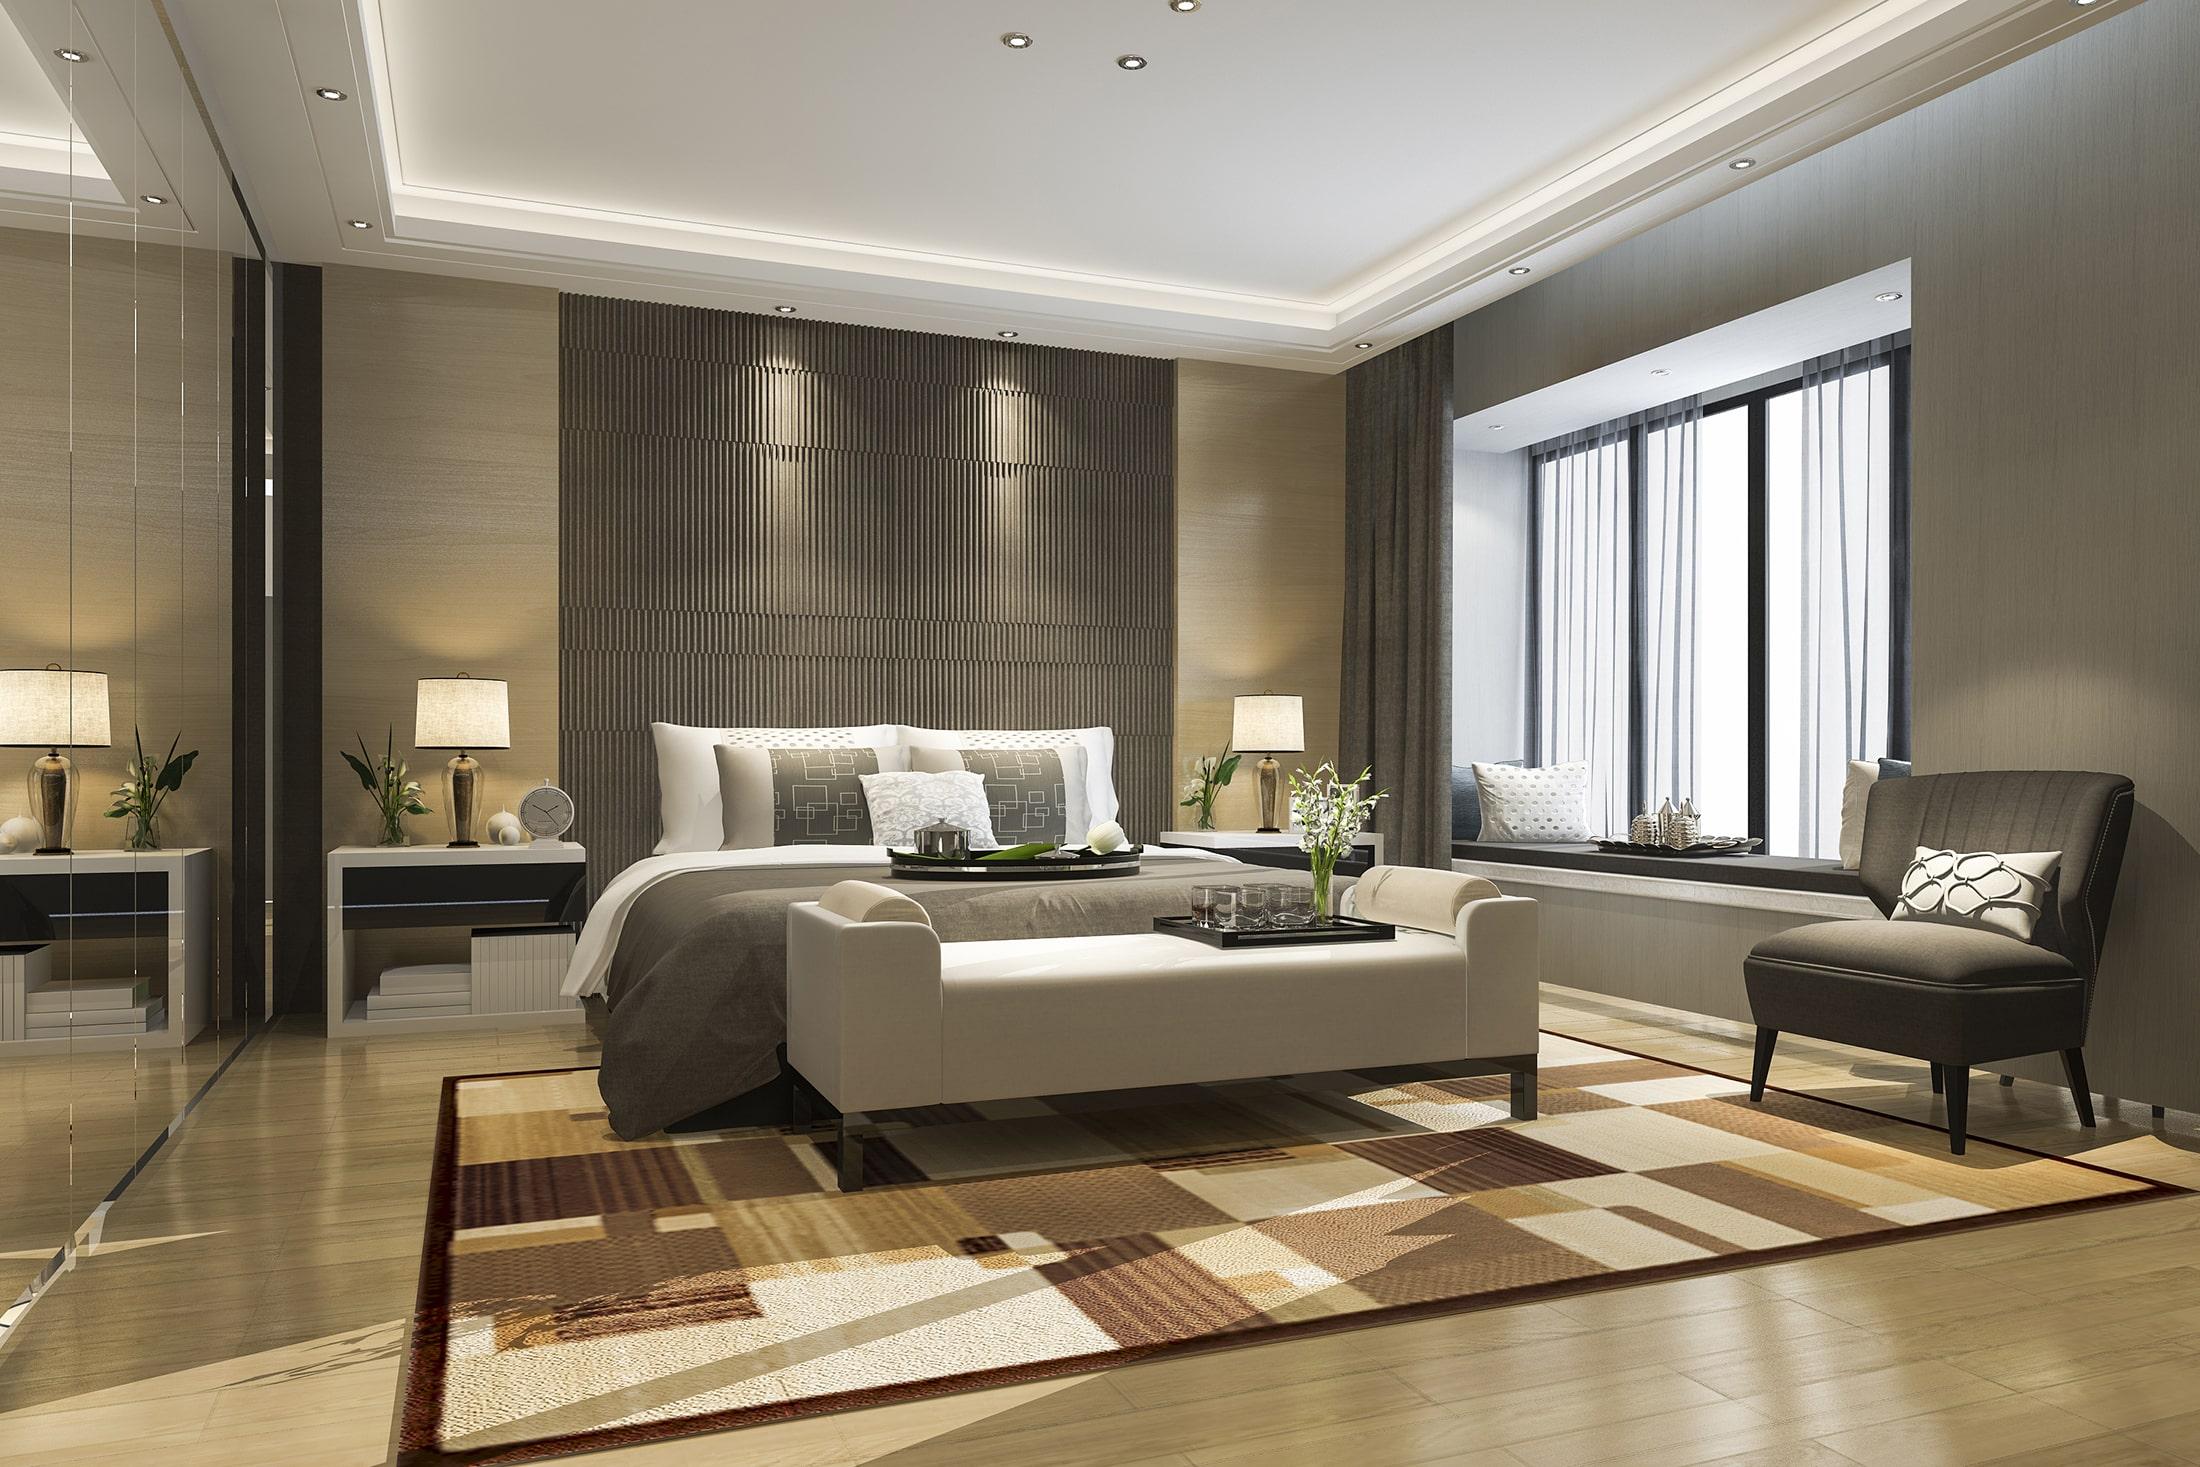 Loft Stil Hotel - Loft Türen für Hotelzimmer